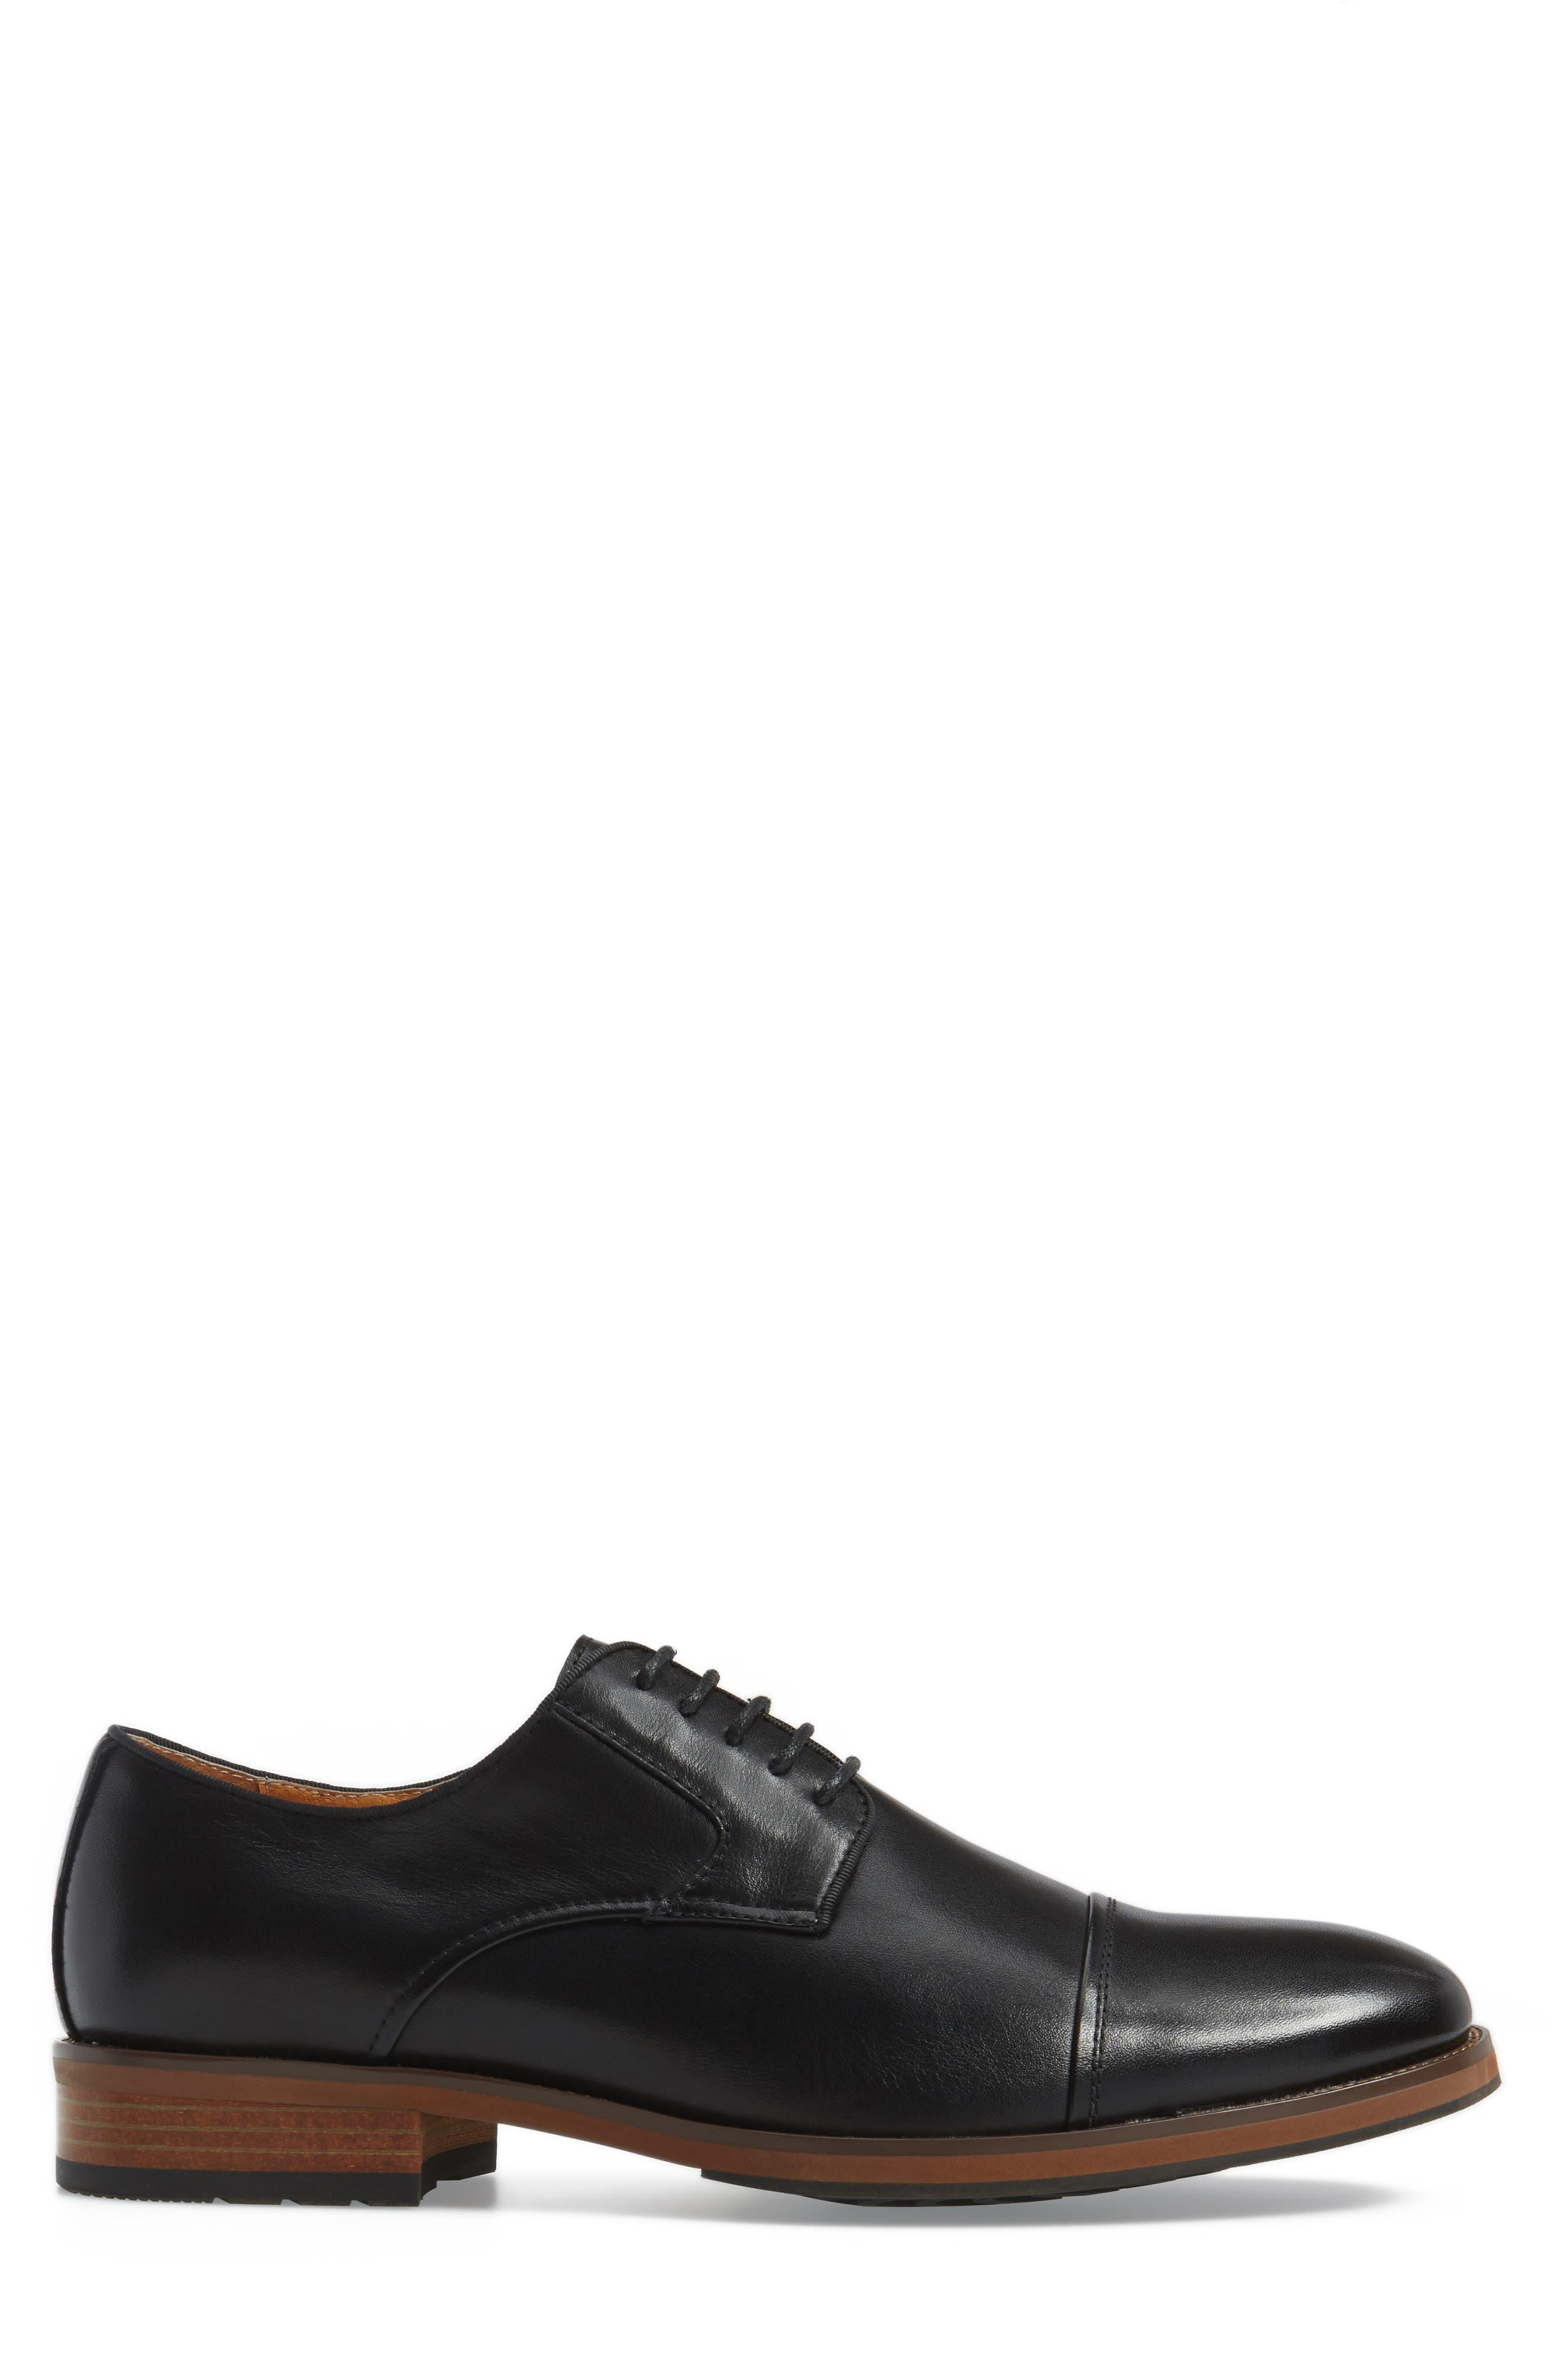 Blaze Cap Toe Derby,                             Alternate thumbnail 3, color,                             Black Leather